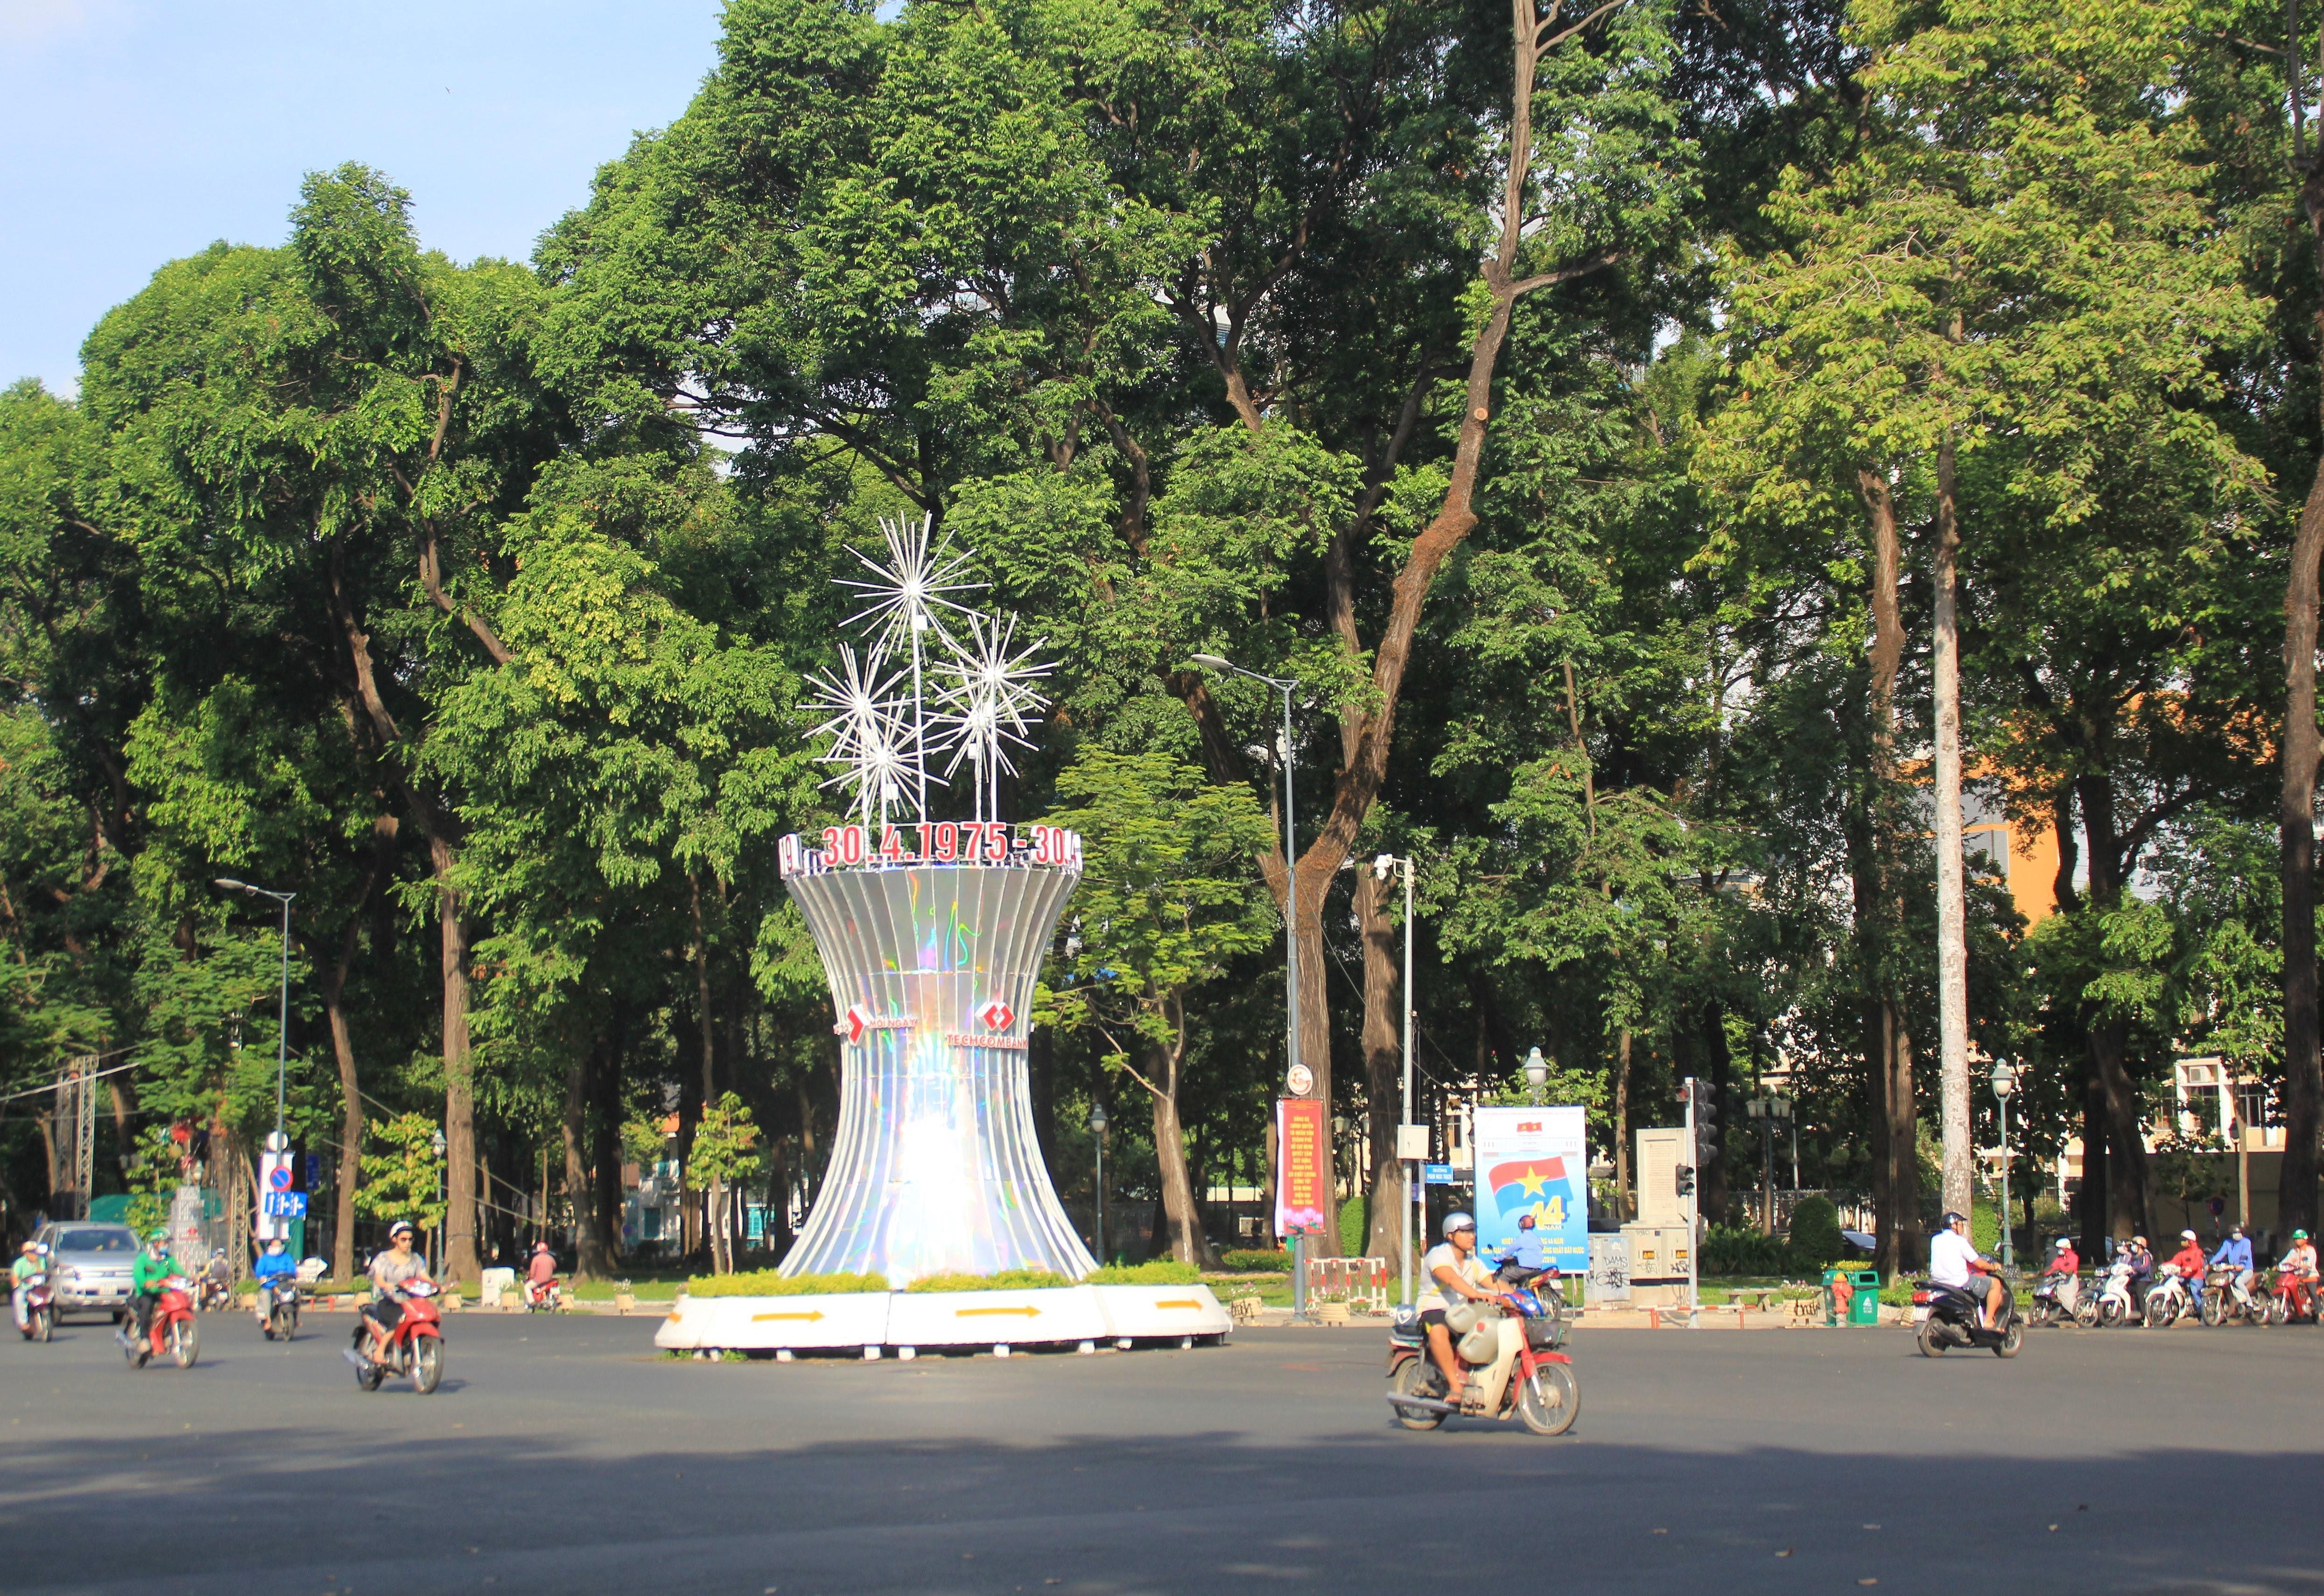 Khung cảnh yên ả ở Sài Gòn ngày đầu kỳ nghỉ lễ 30/4 và 1/5 Ảnh 2